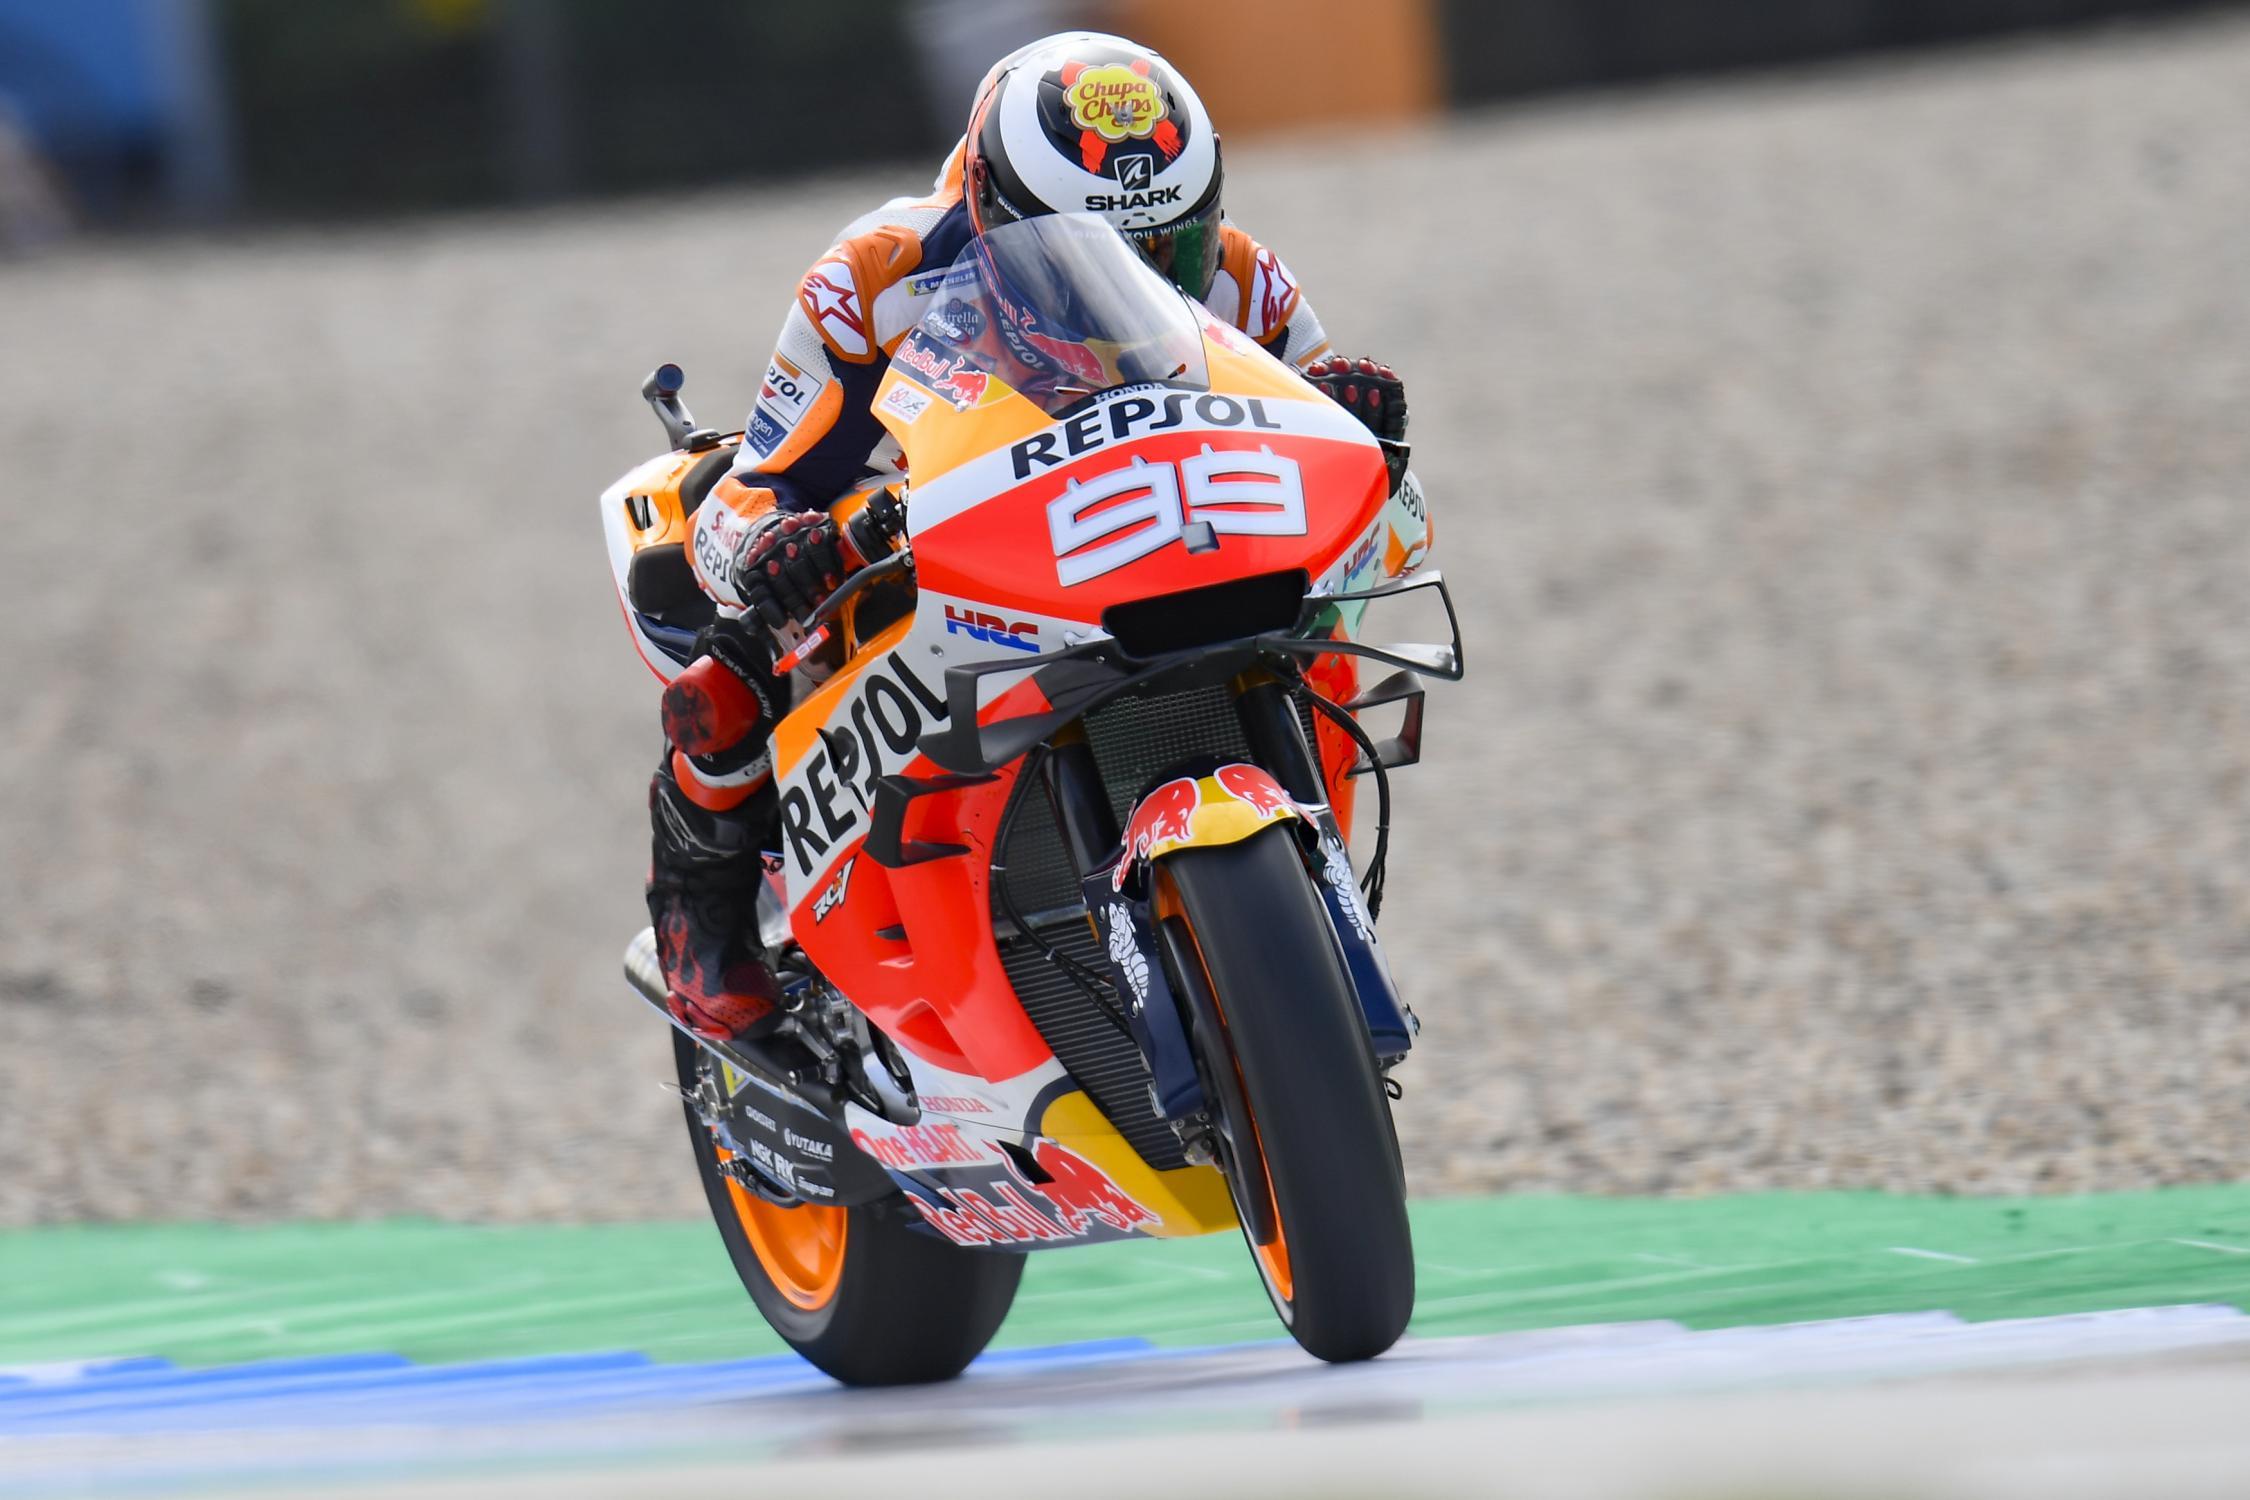 MotoGP 2019: Результаты Гран-При Голландии (Ассен) Маркез